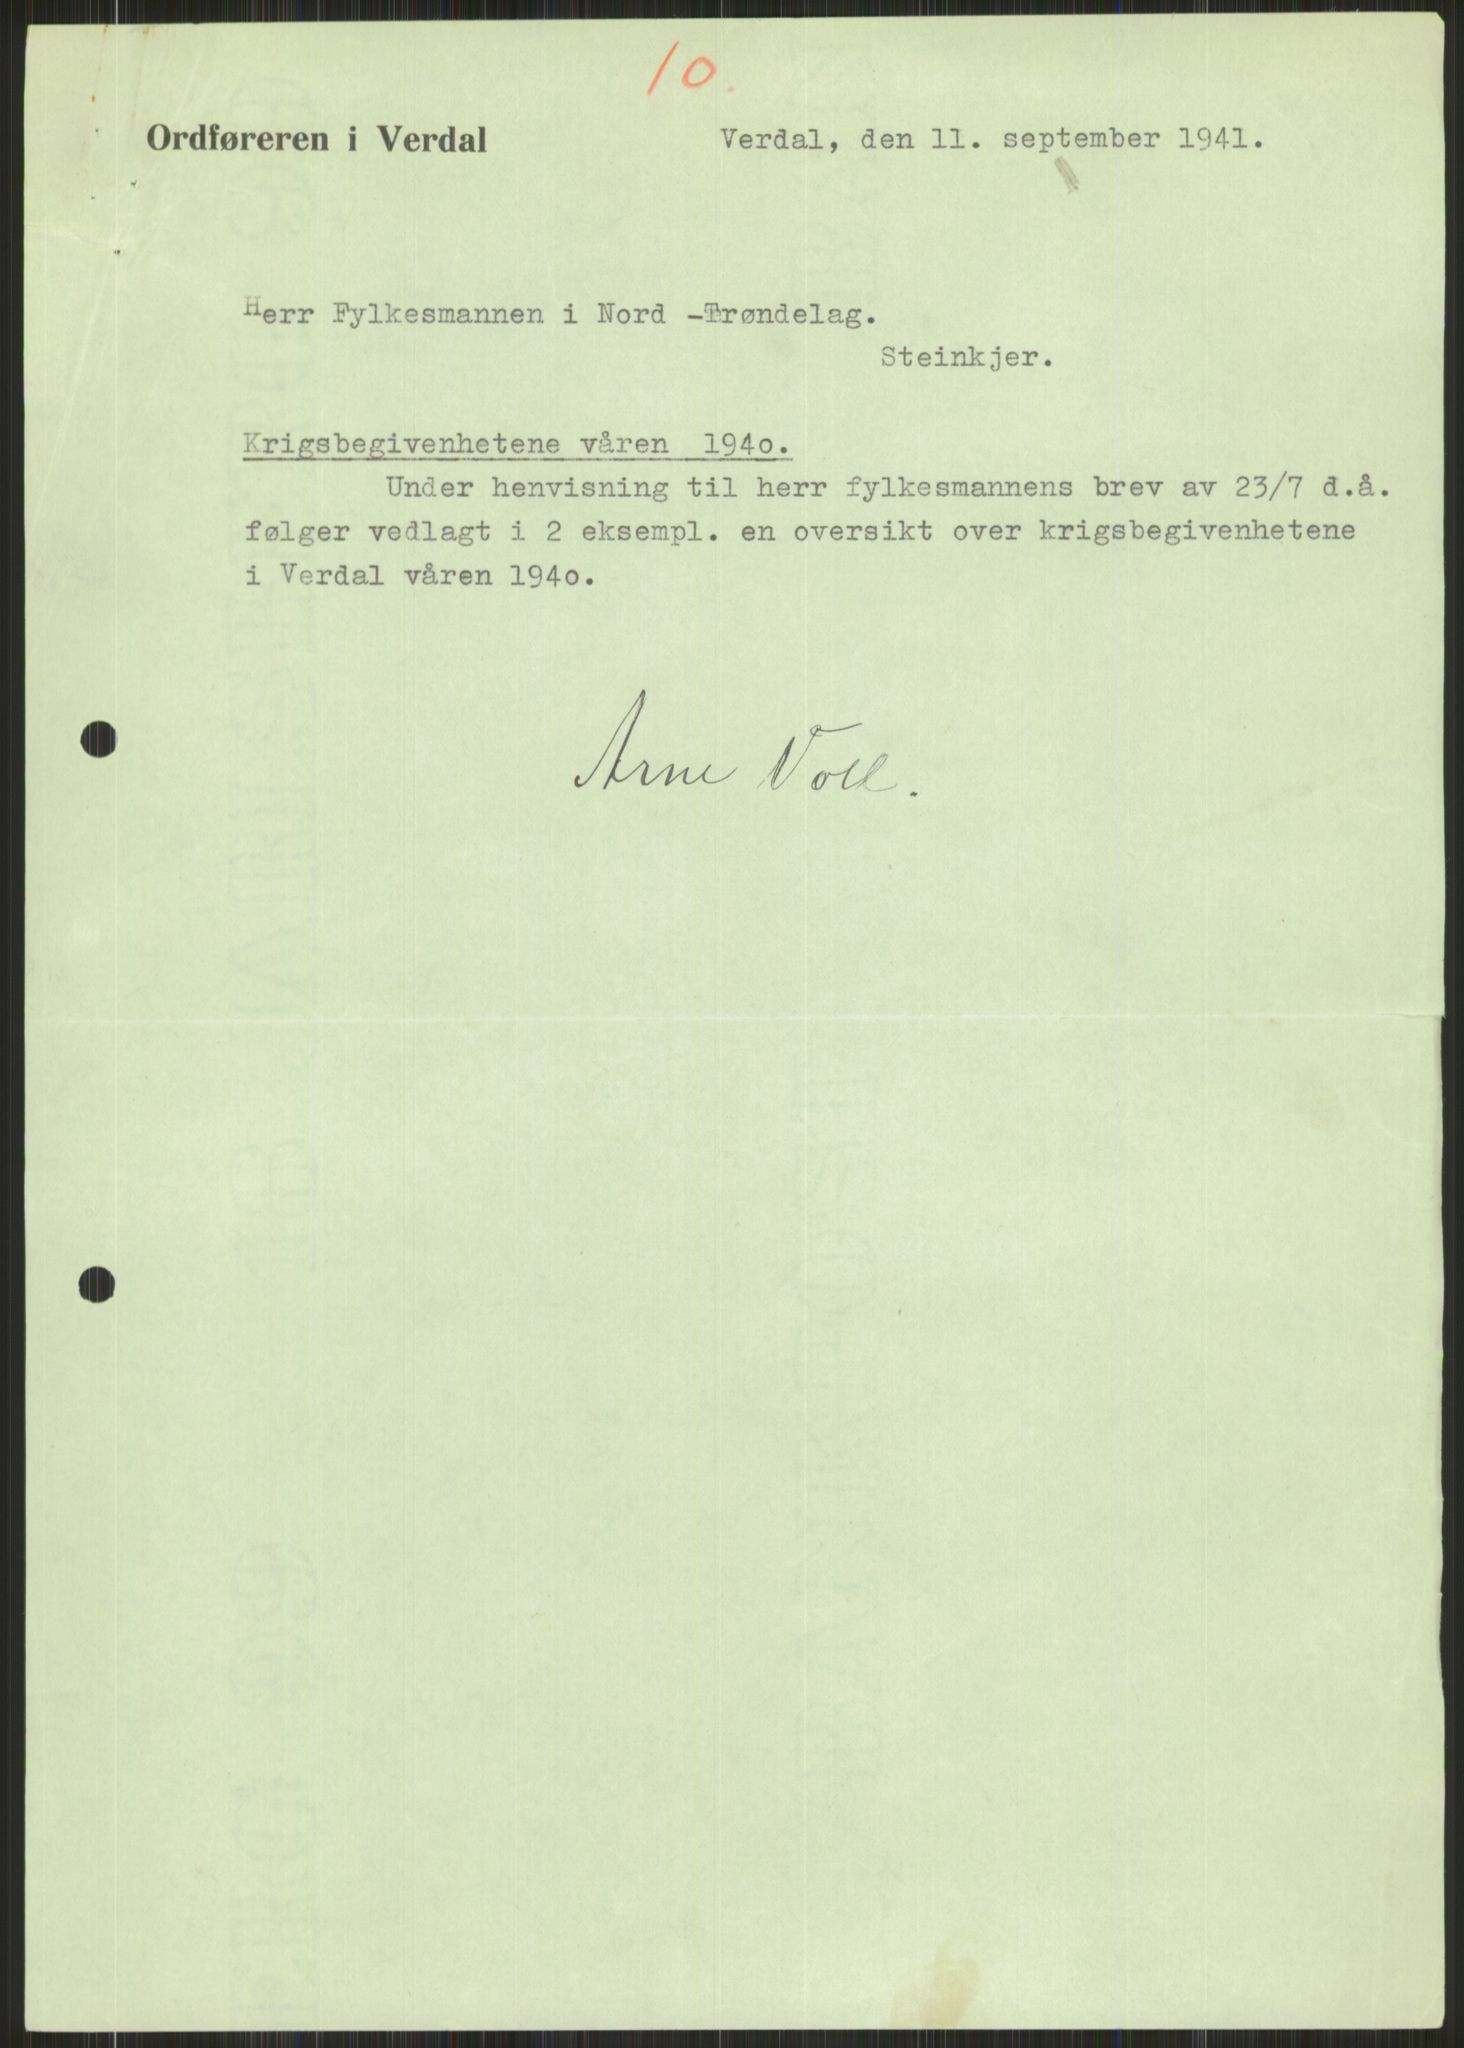 RA, Forsvaret, Forsvarets krigshistoriske avdeling, Y/Ya/L0016: II-C-11-31 - Fylkesmenn.  Rapporter om krigsbegivenhetene 1940., 1940, p. 592